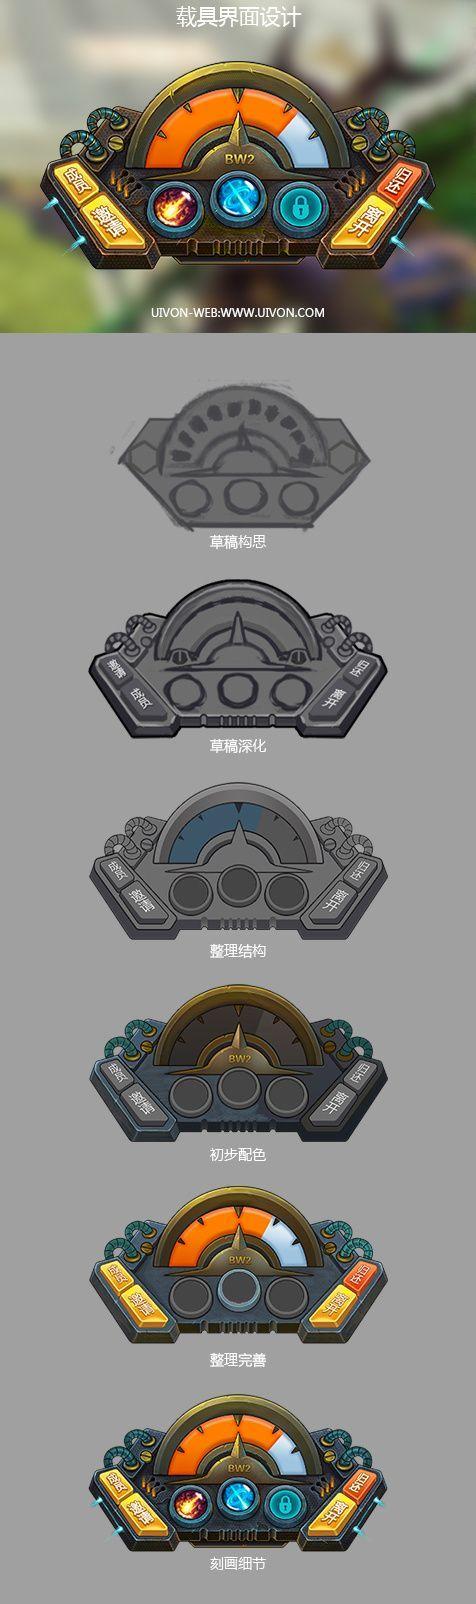 载具UI设计  GAMEUI- 游戏设计...@茶小白采集到GUI(2314图)_花瓣UI/UX: